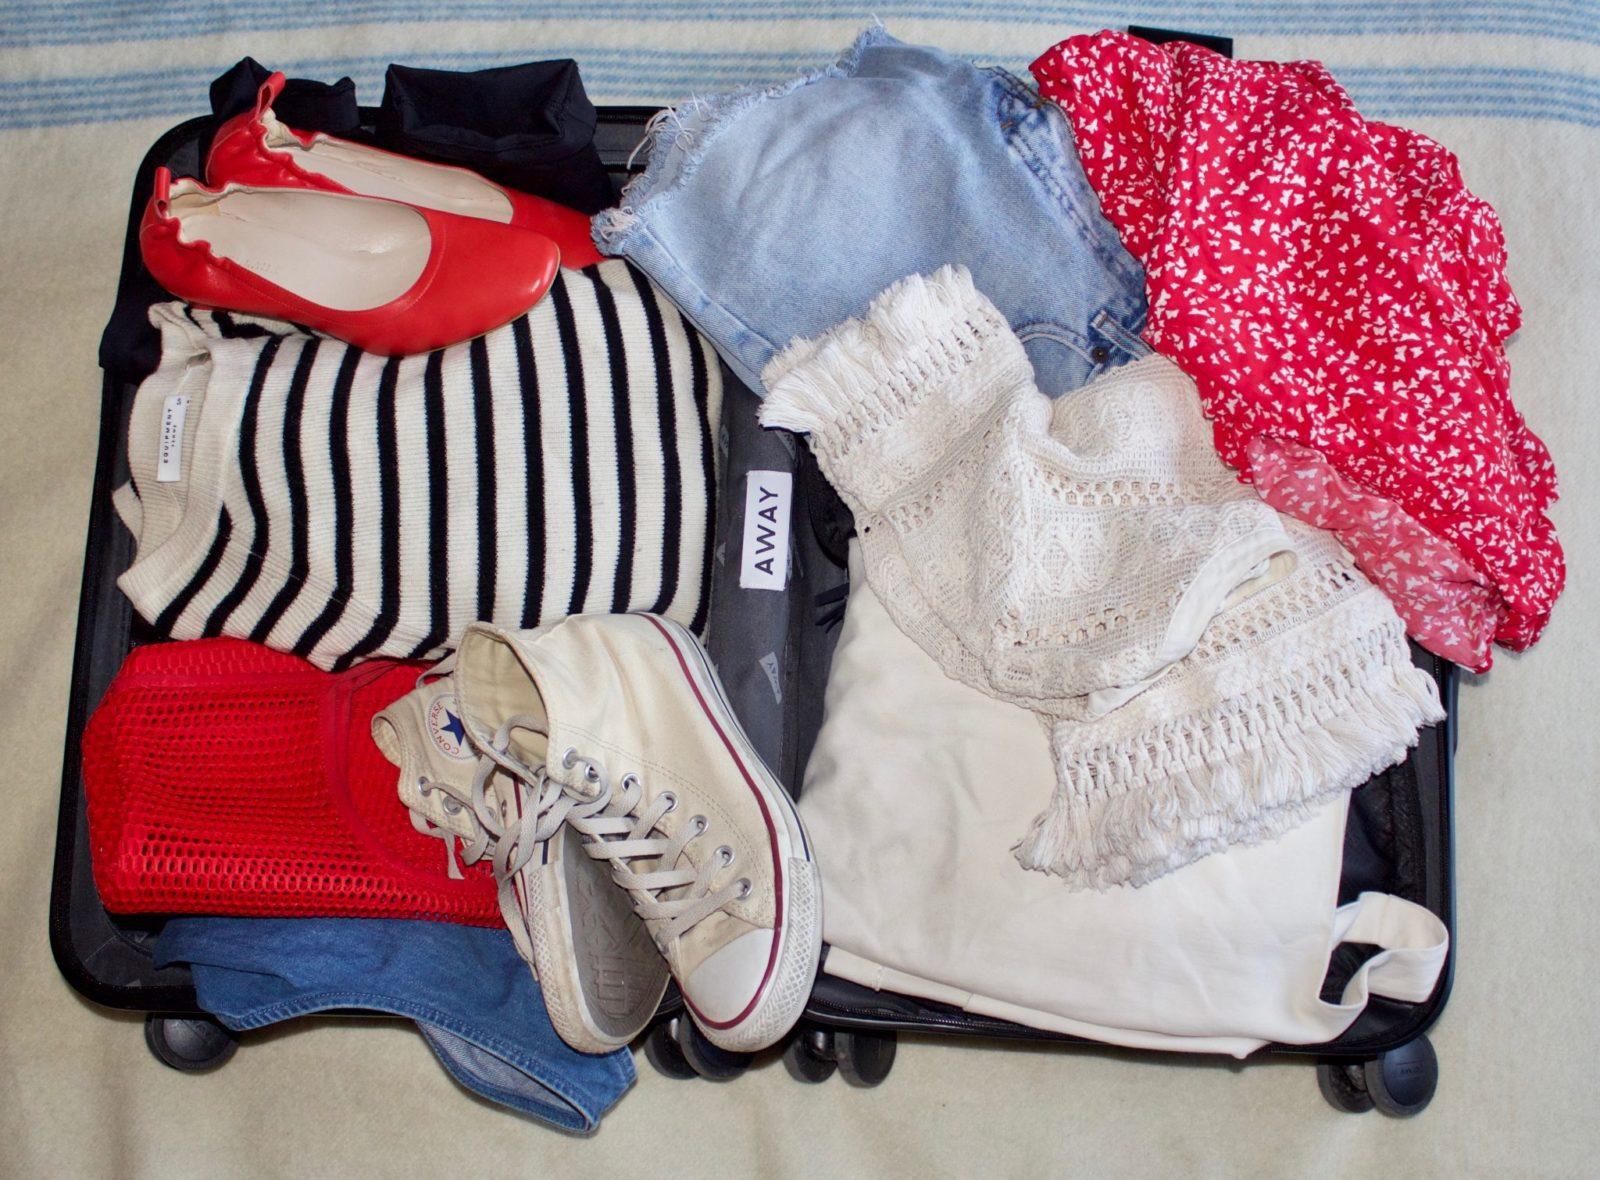 capsule-suitcase-away-review.jpg